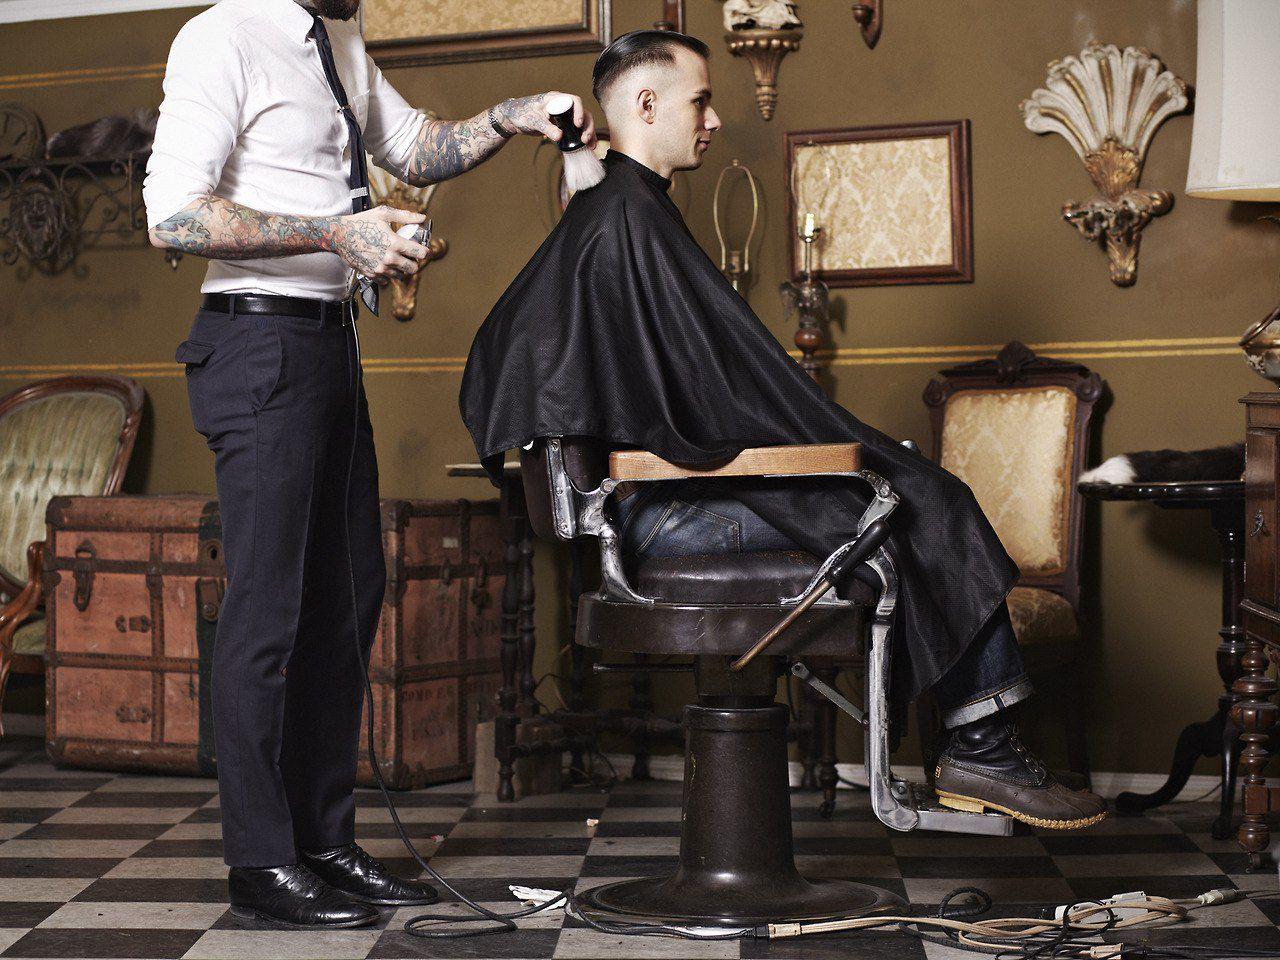 воспалительное фото в чем одет парикмахер заказать бресте, большой